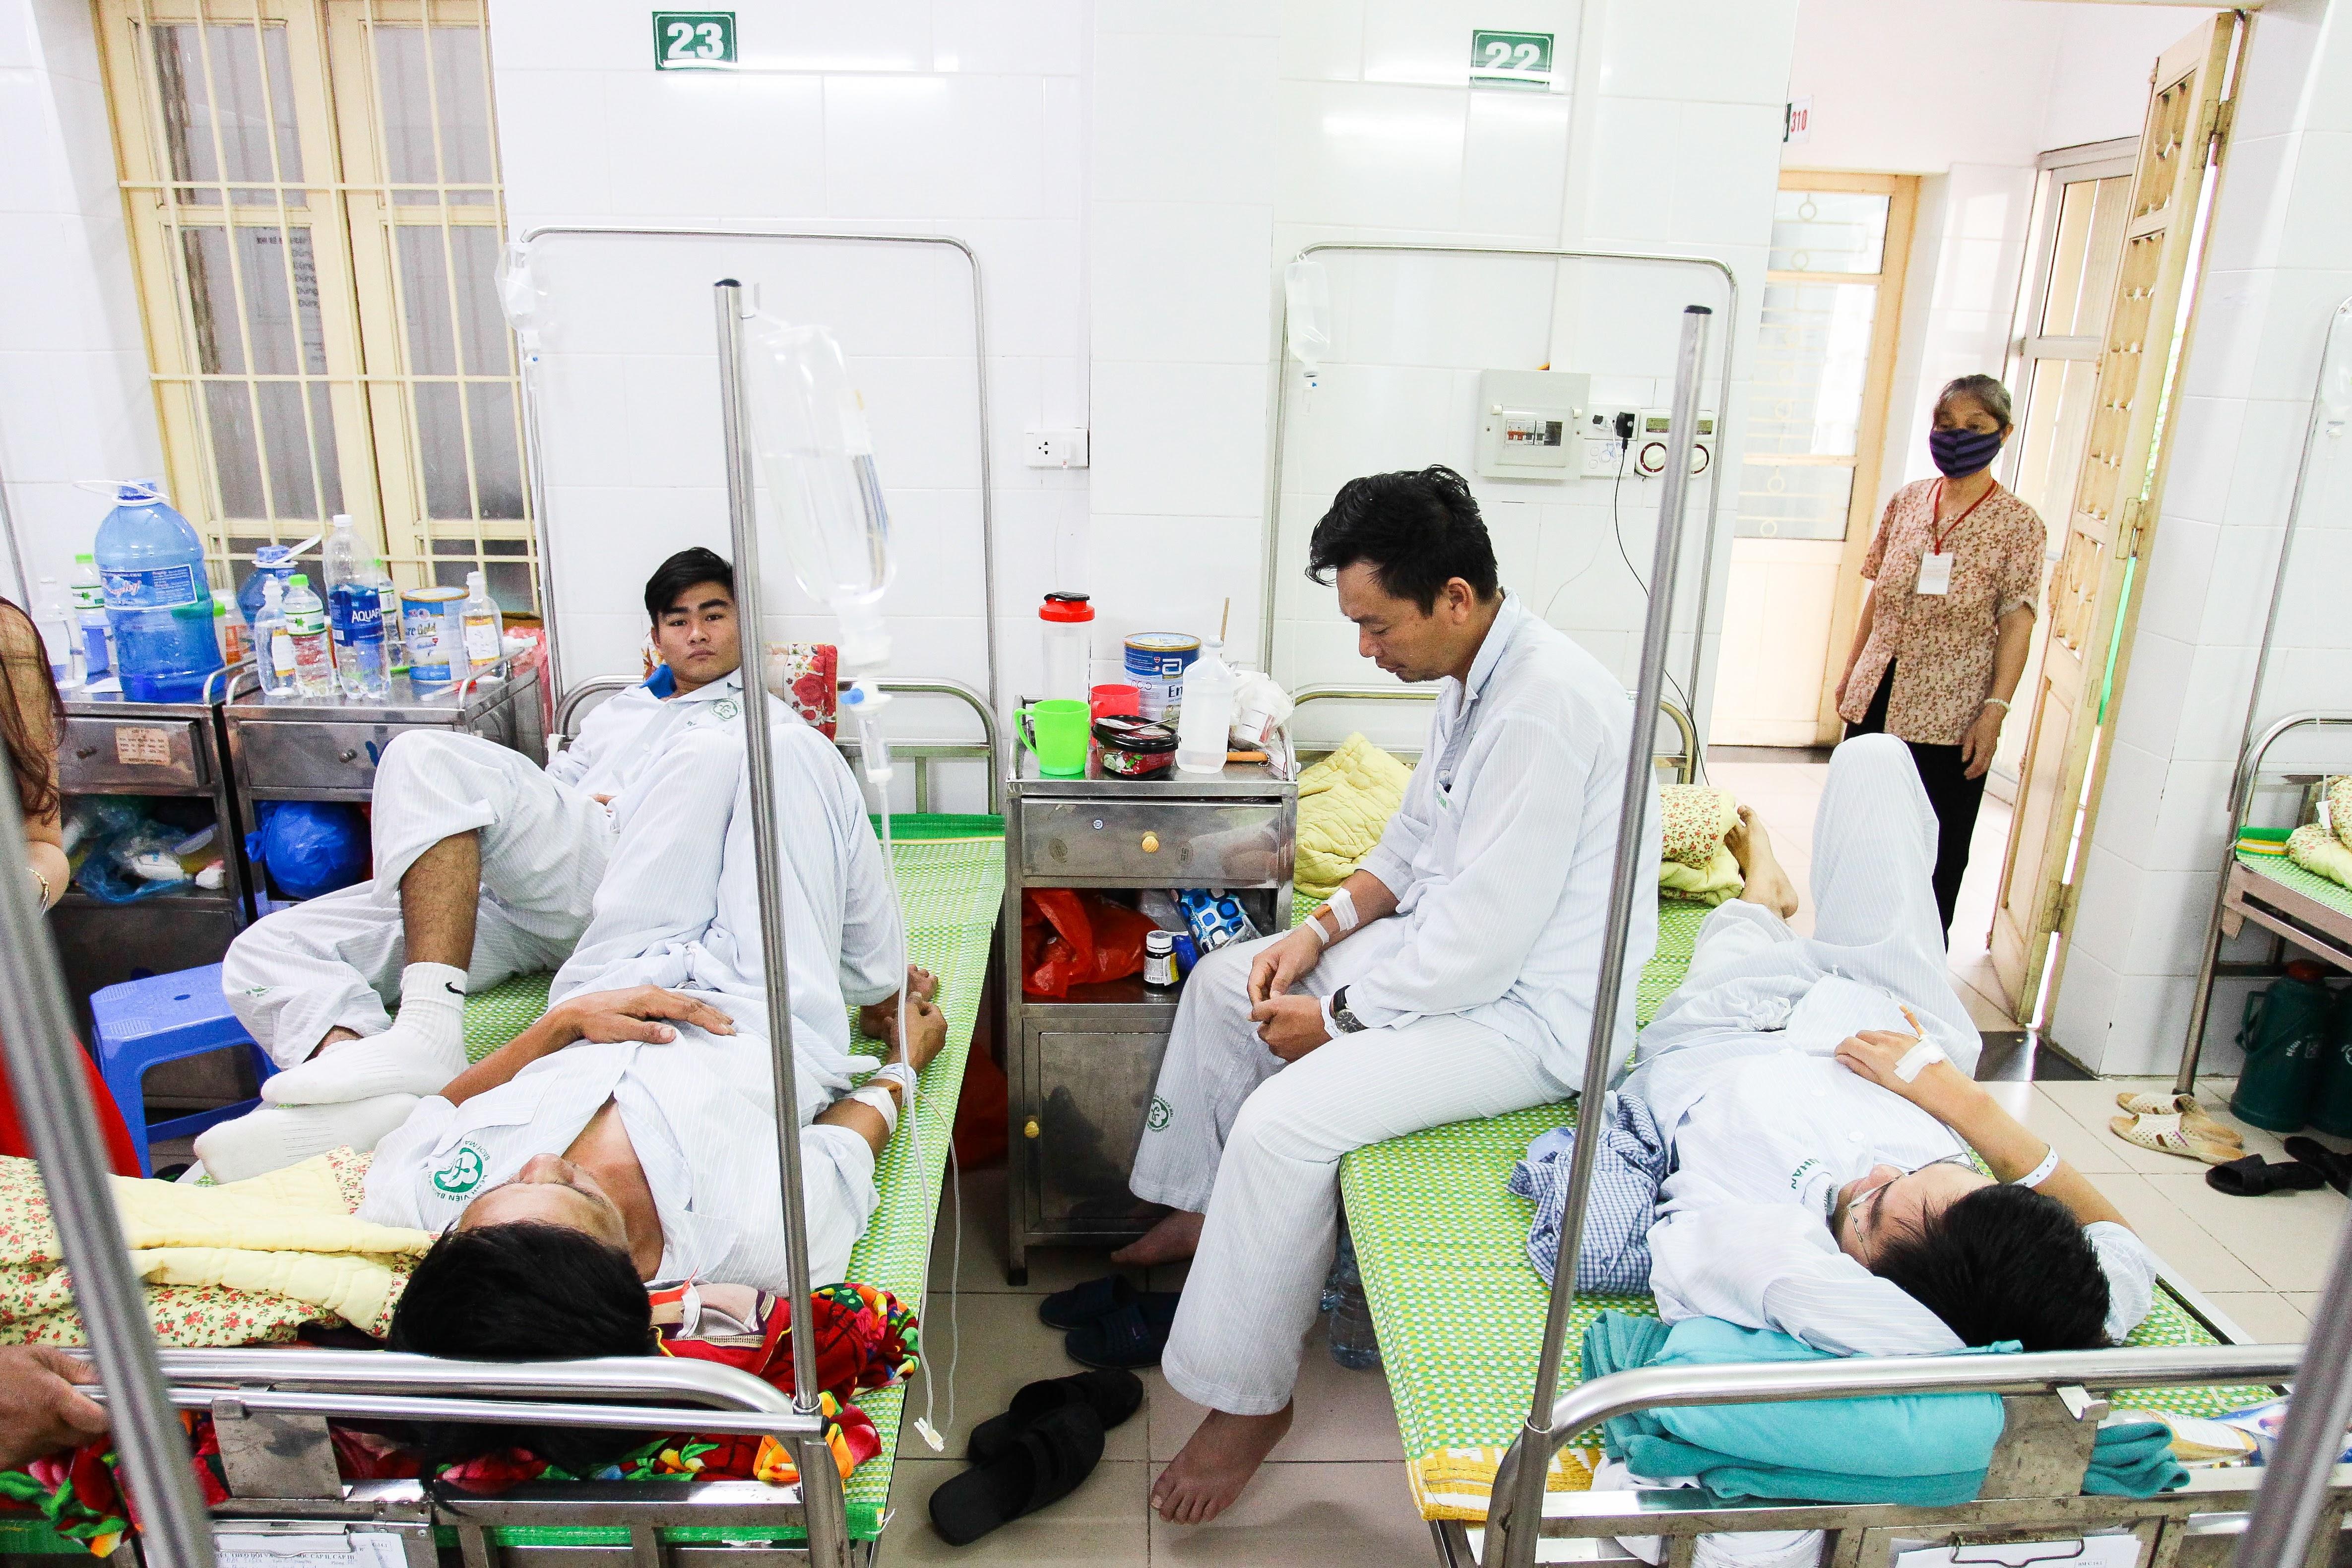 Hà Nội: Bệnh nhân sốt xuất huyết nằm la liệt ở bệnh viện Bạch Mai - Ảnh 3.